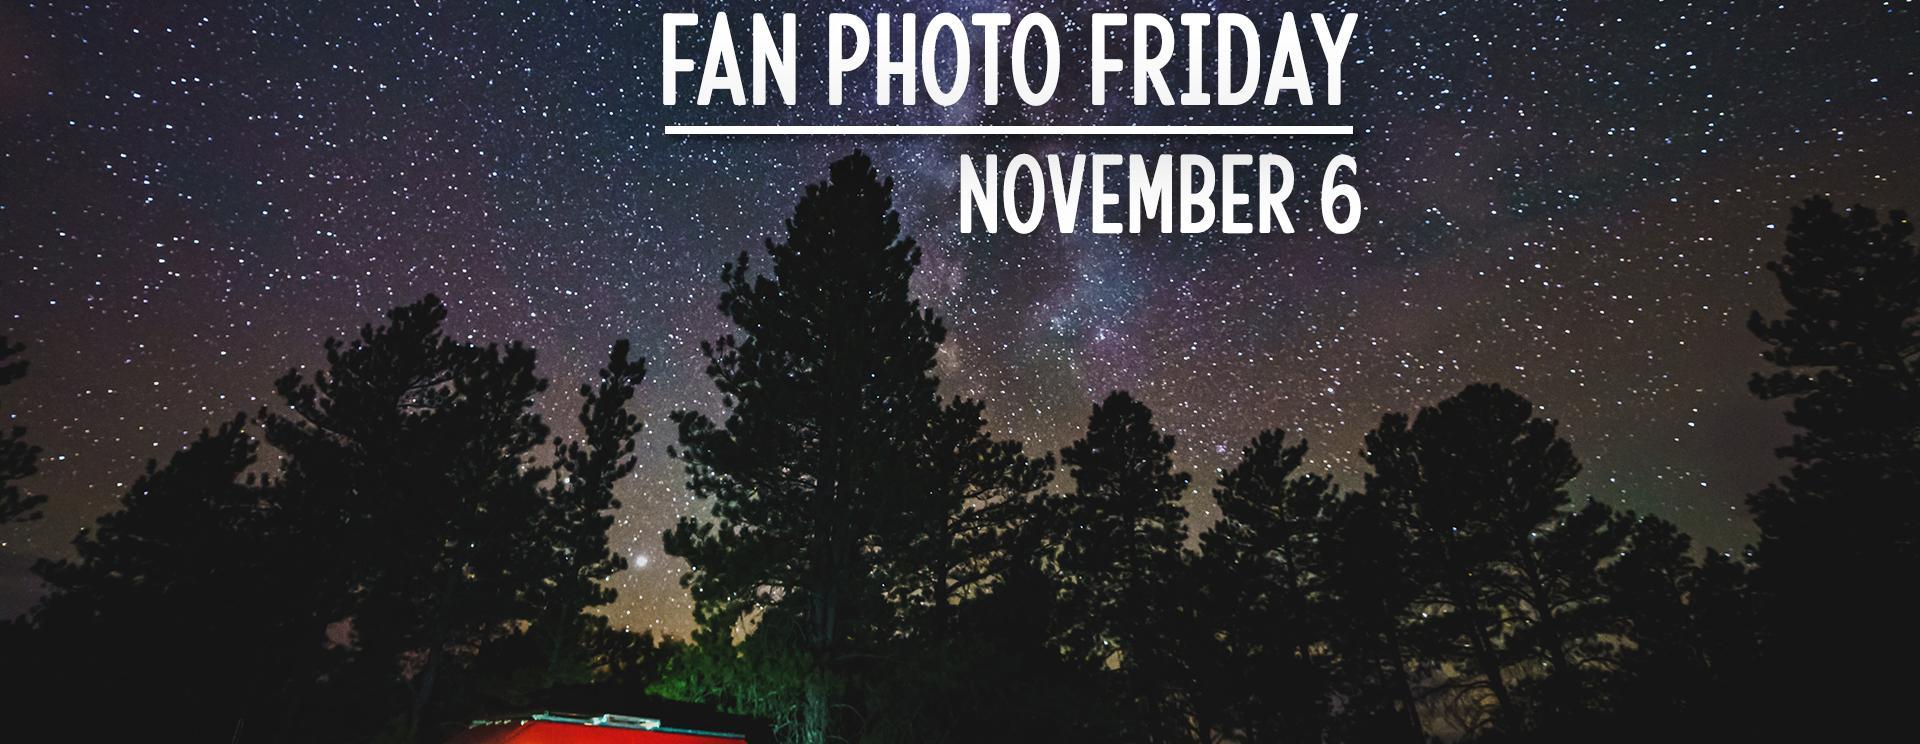 Fan Photo Friday | November 6, 2020